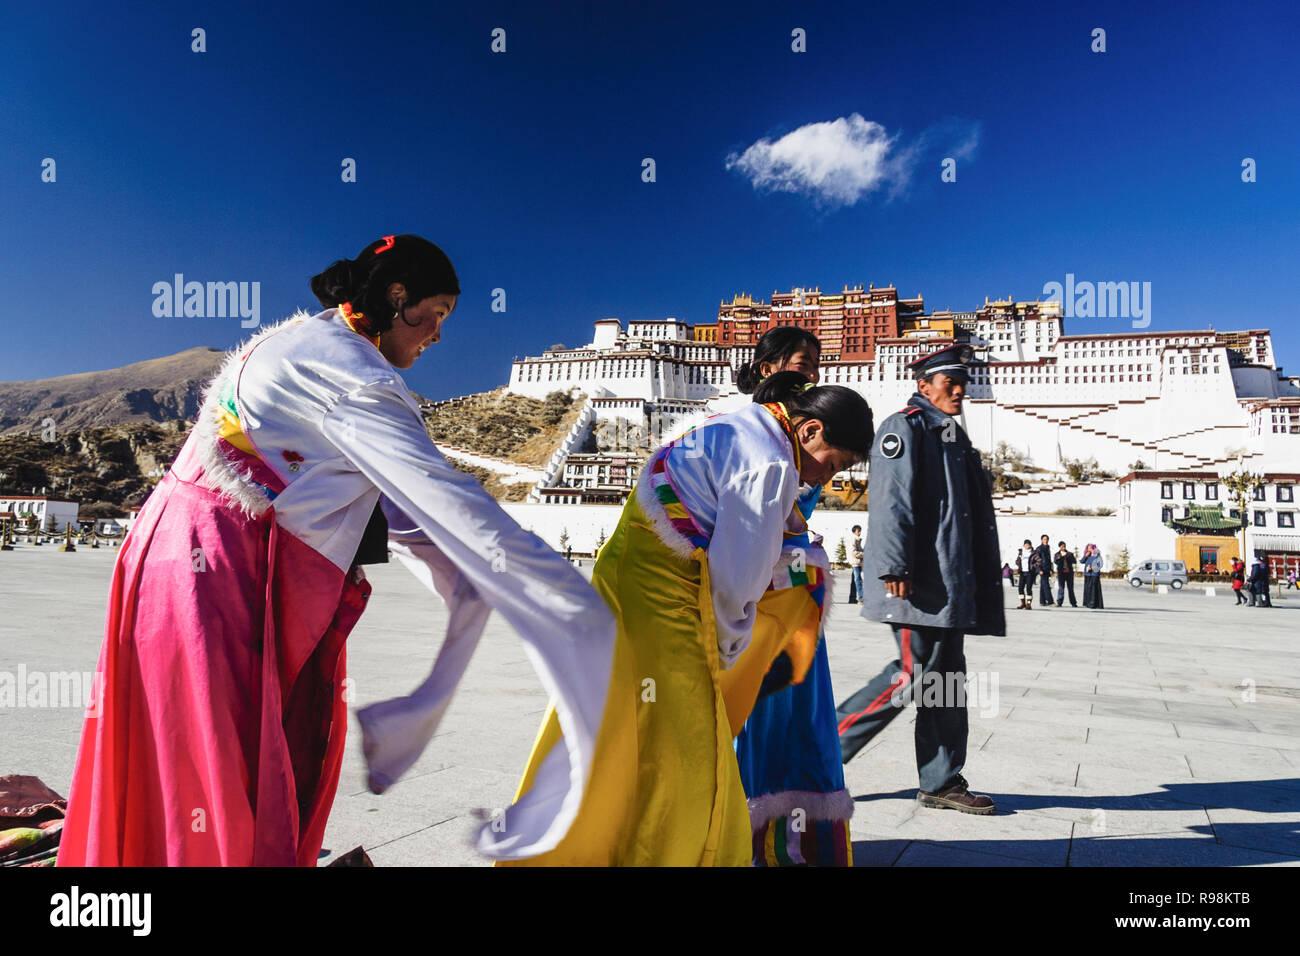 Lhasa, región autónoma del Tíbet, China : un policía chino camina últimos tres mujeres tibetanas probando trajes tradicionales junto al palacio de Potala. Fir Imagen De Stock